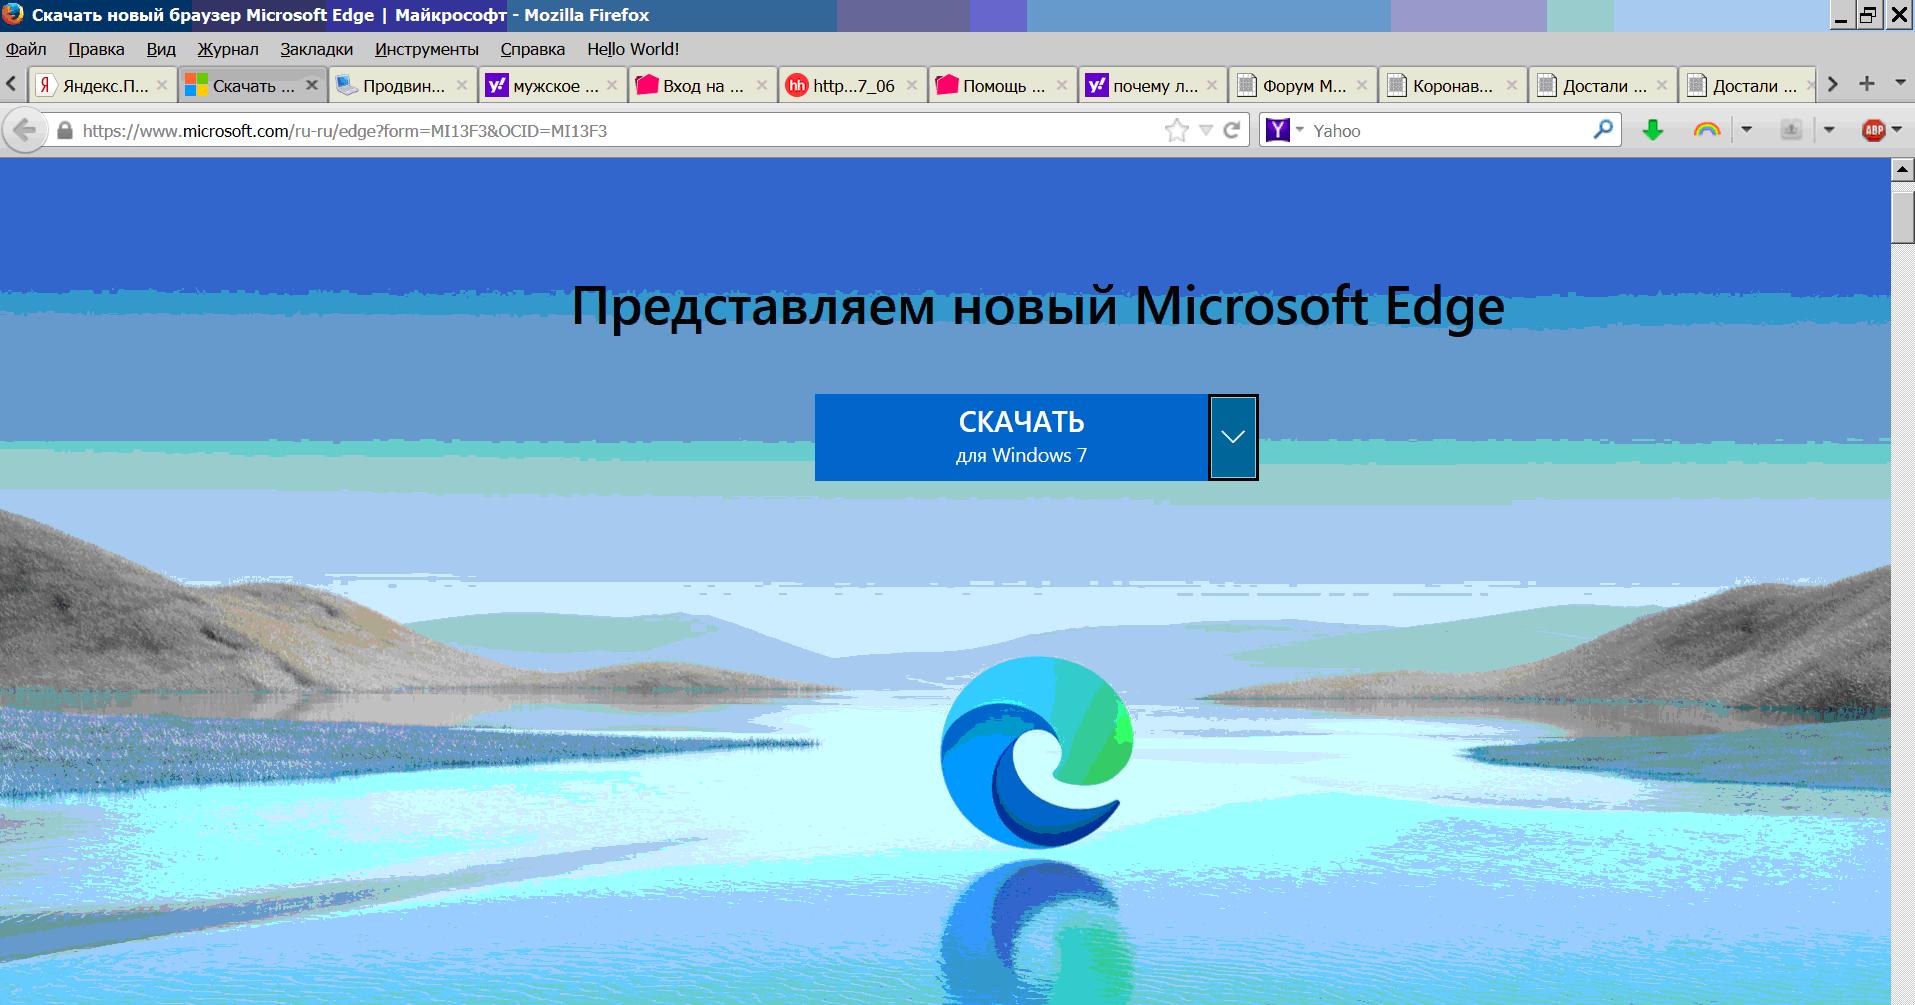 Окно страницы сайта microsoft.com для установки браузера Edge